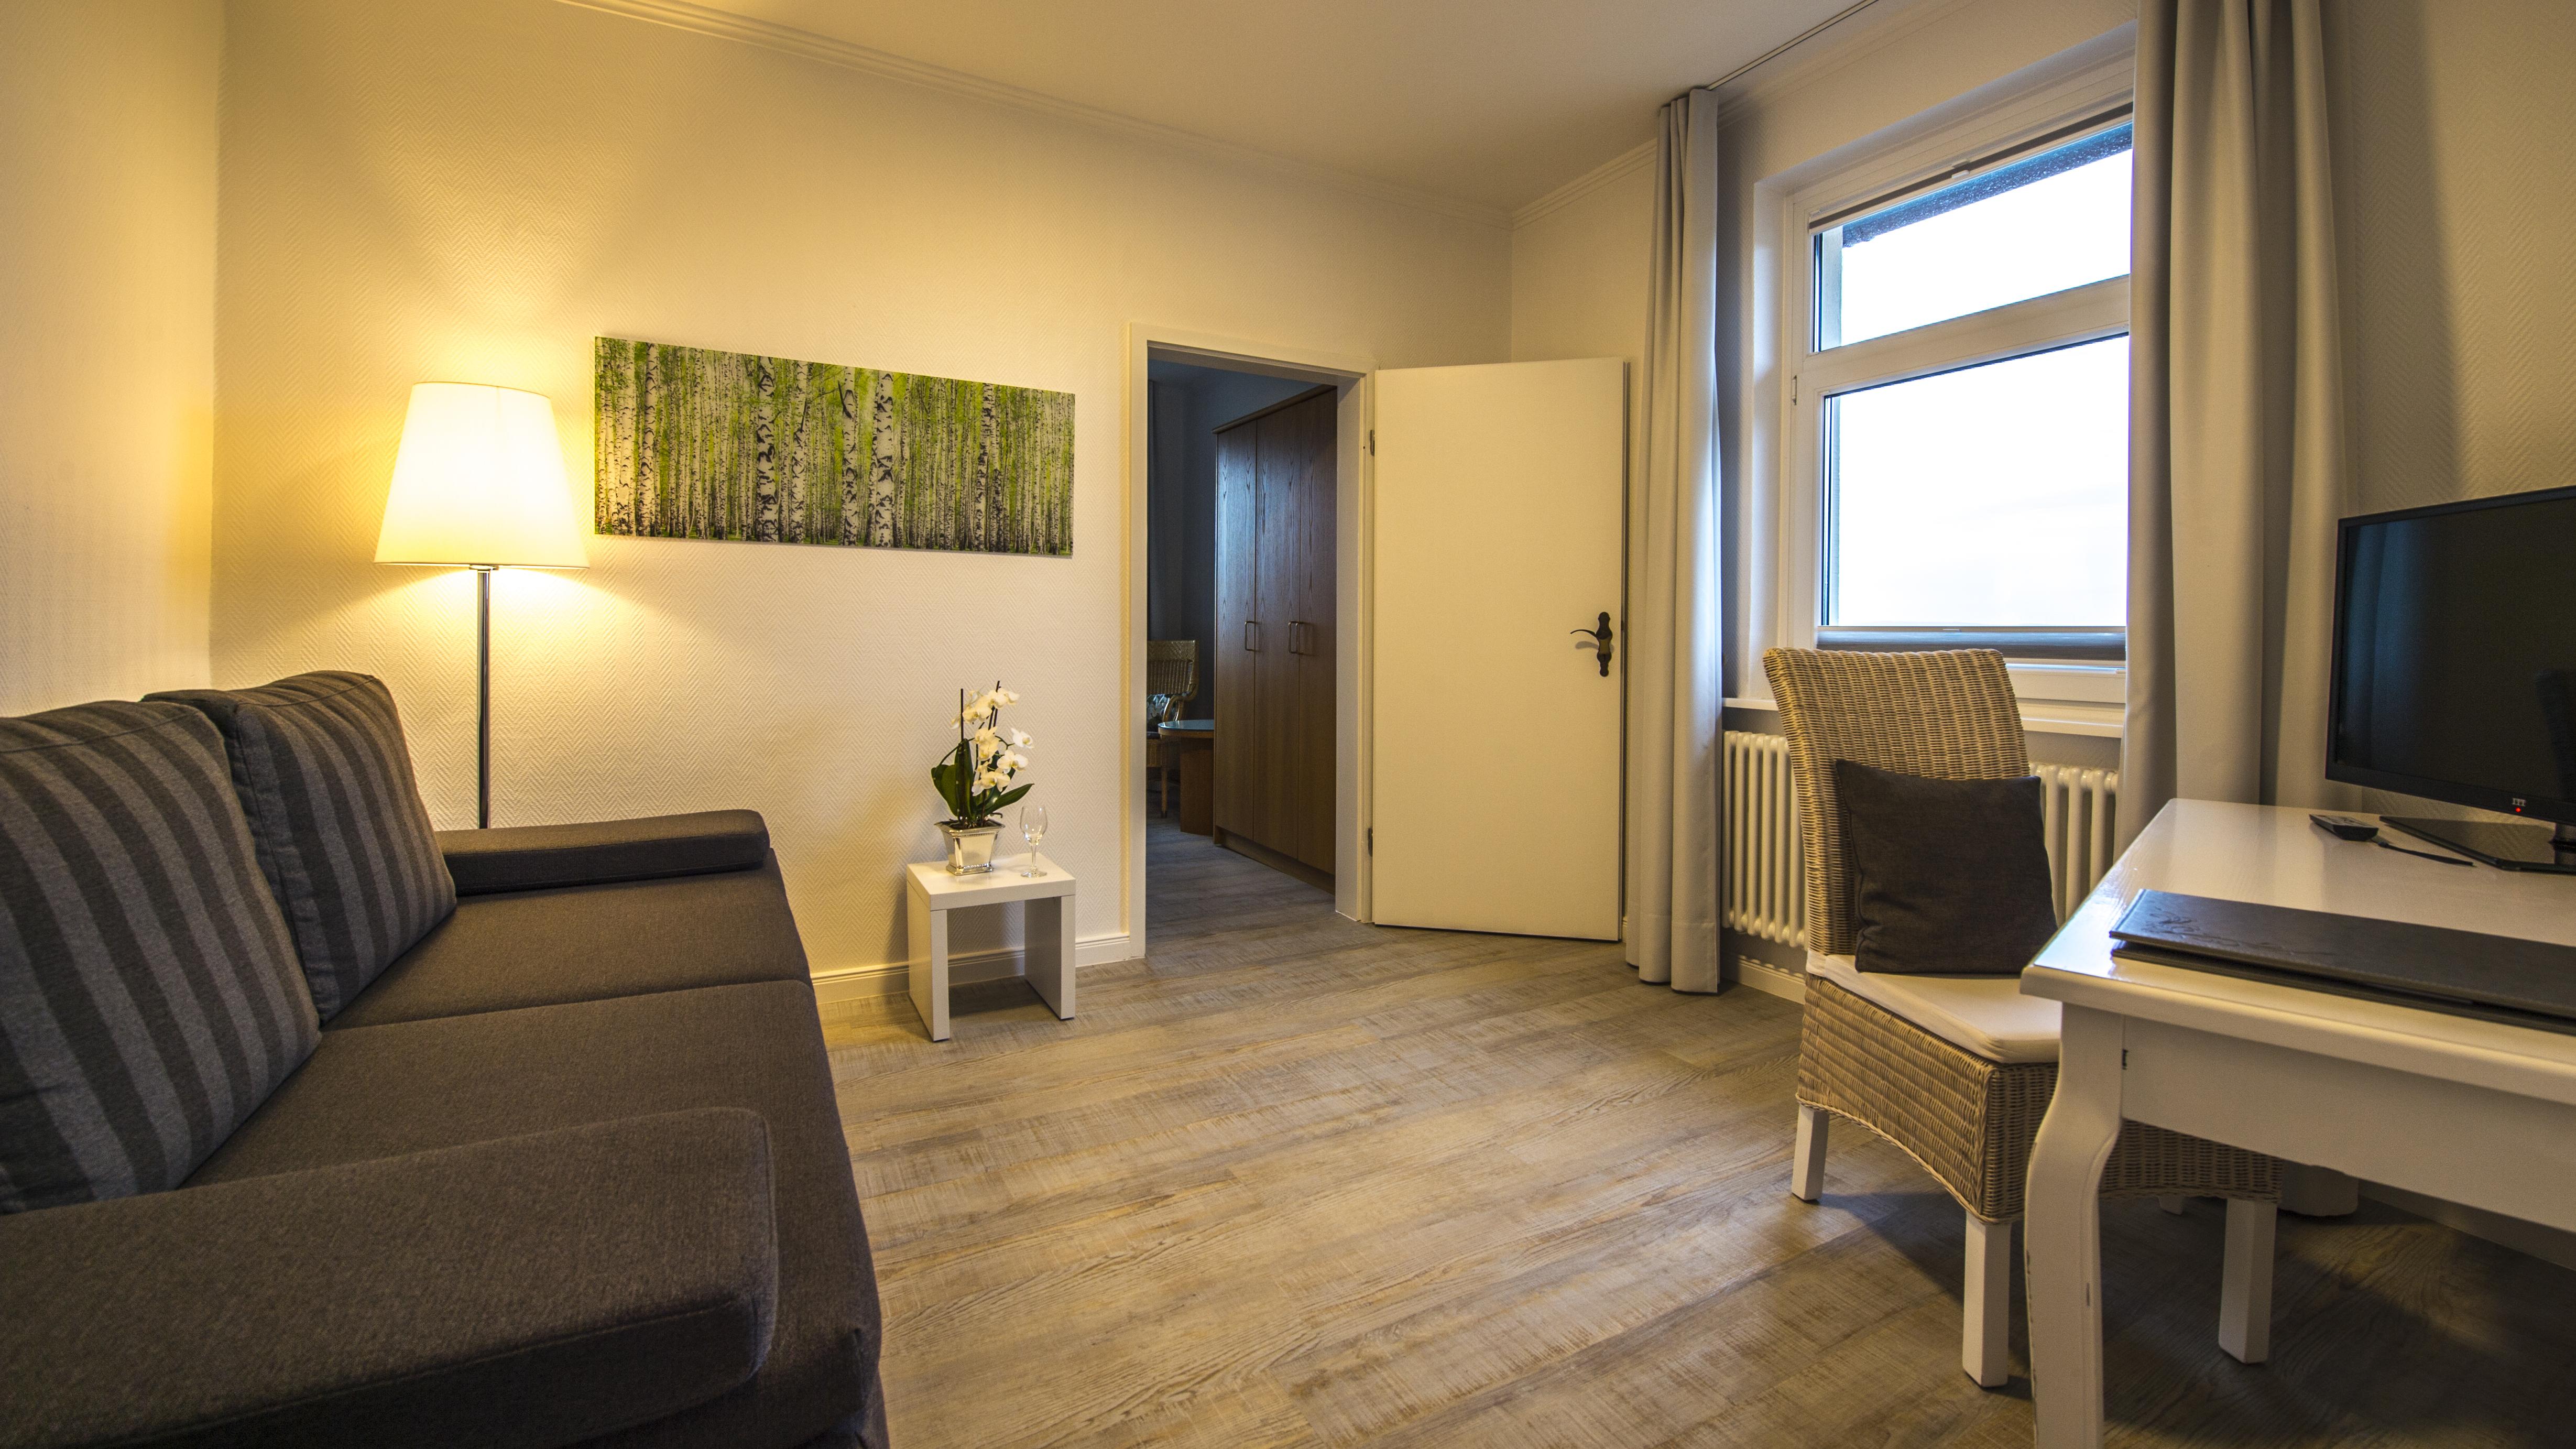 Hotel Görtler in Seesen - Wohnbereich